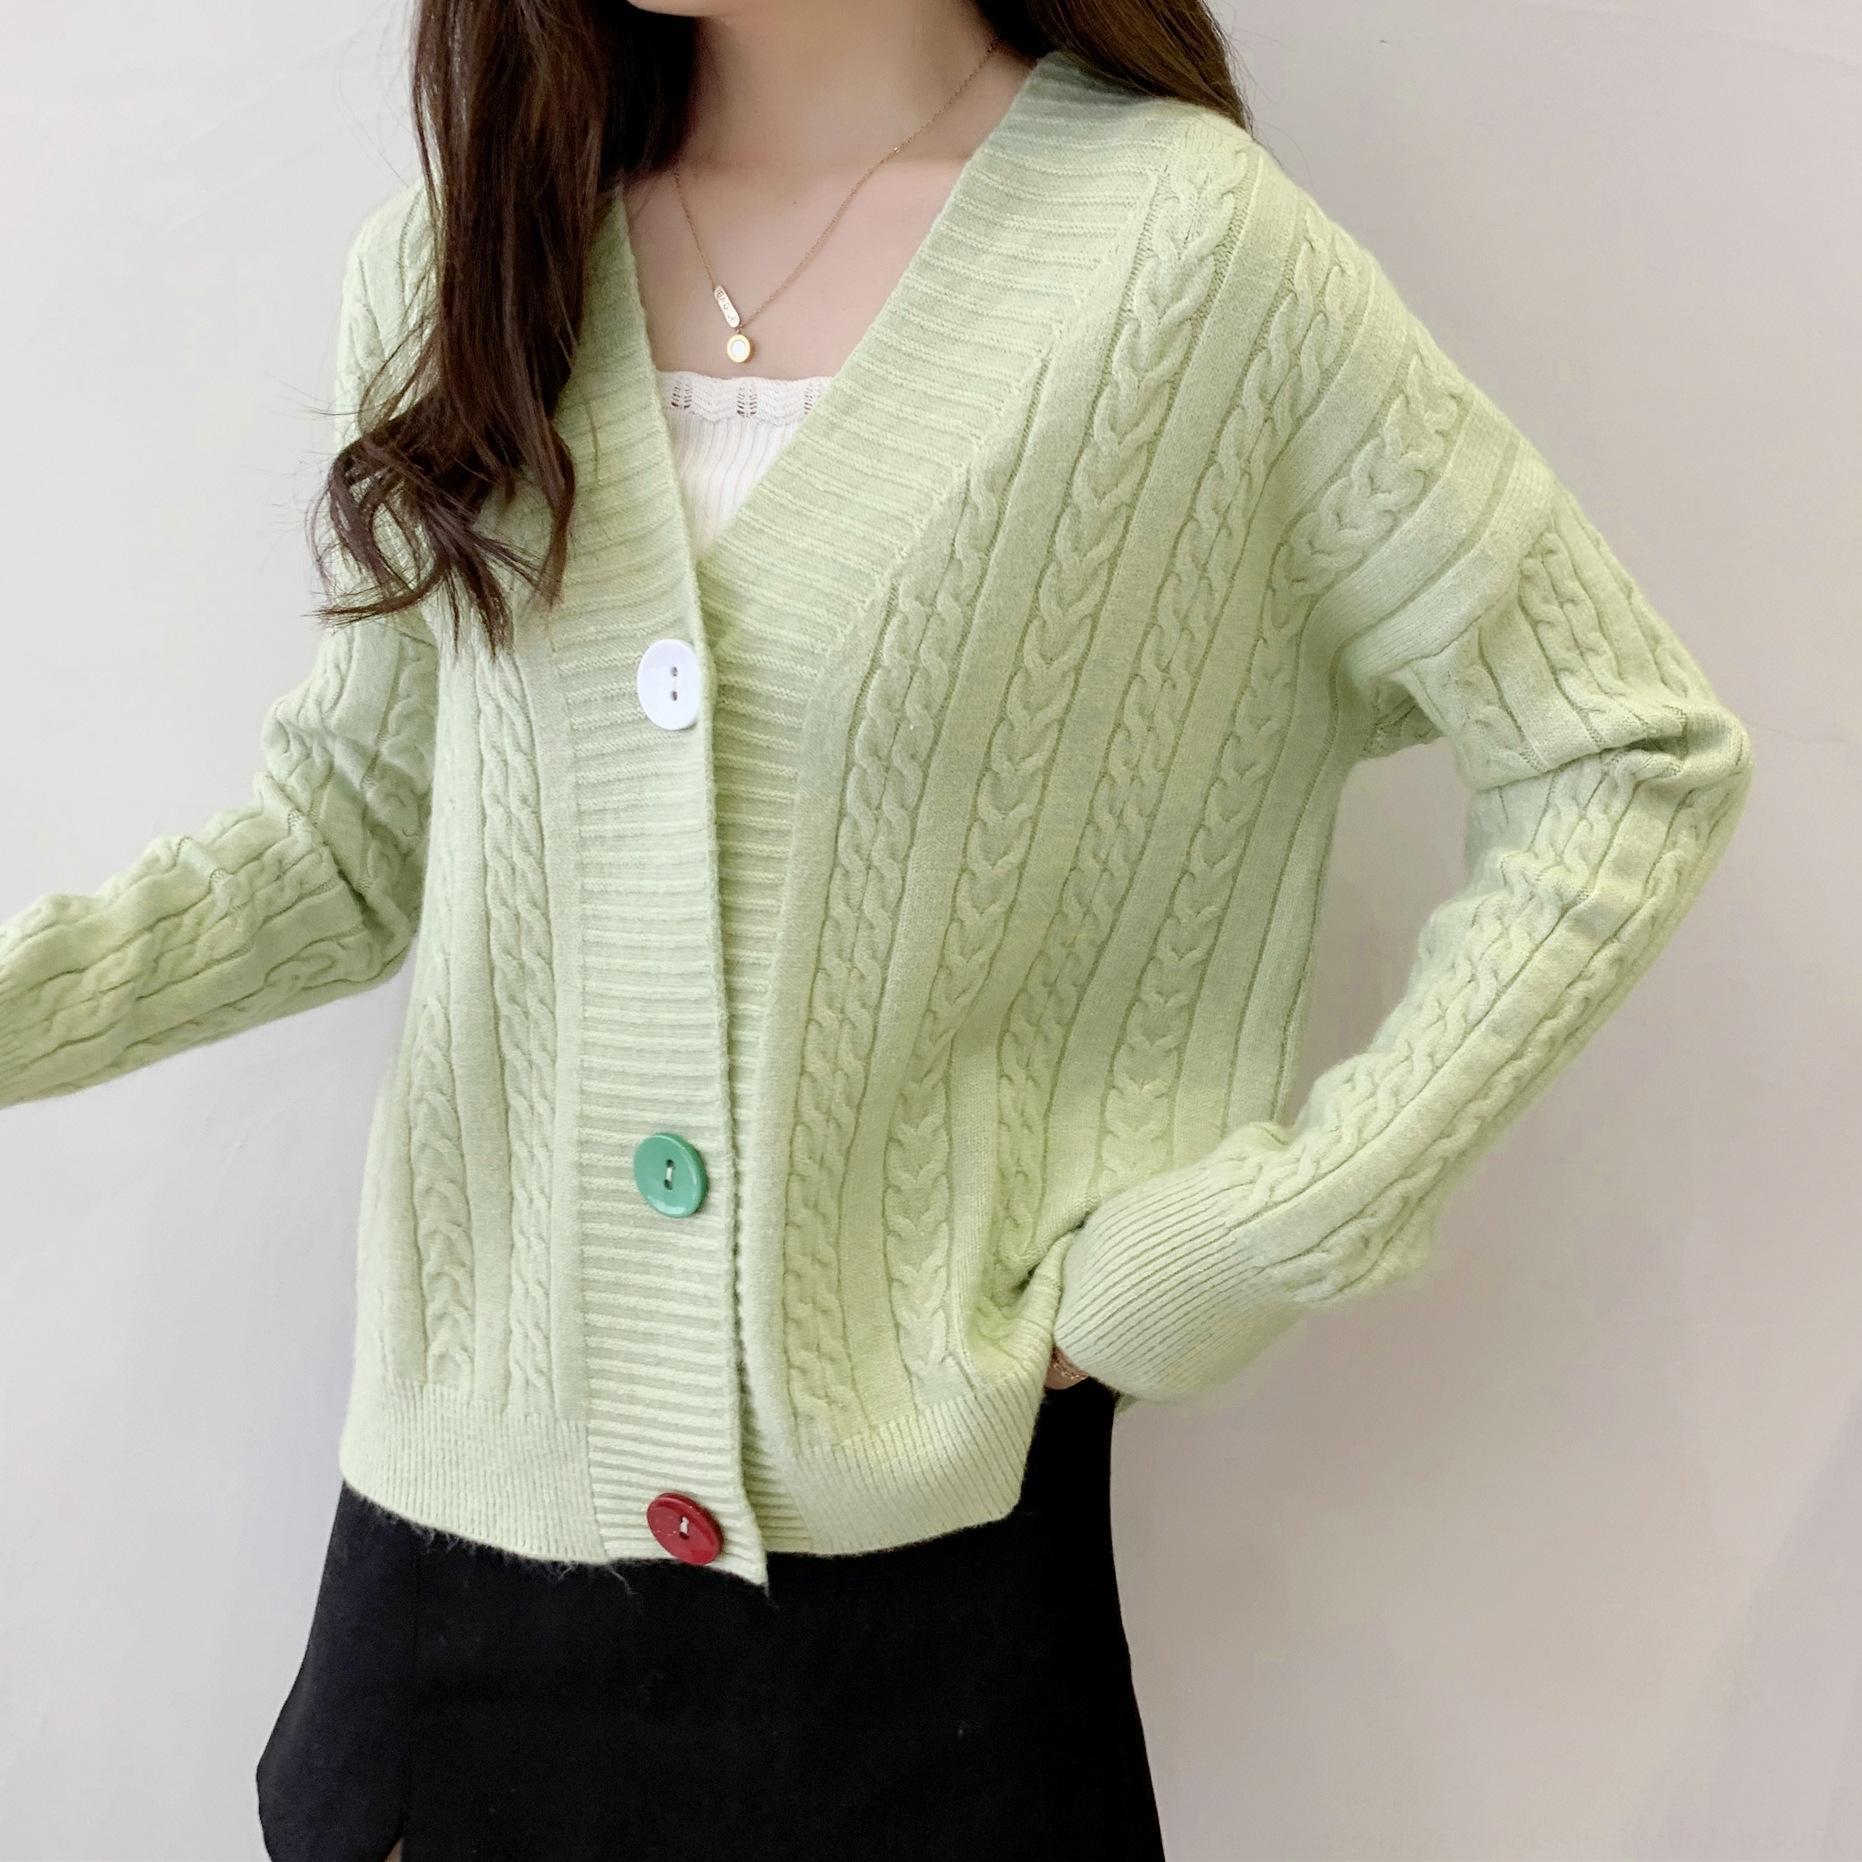 Xia Xin 2020 suéter colorfashion estilo occidental estilo coreano primavera y otoño suéter nuevo giro de la rebeca de las mujeres suelta todo a juego pequeño C